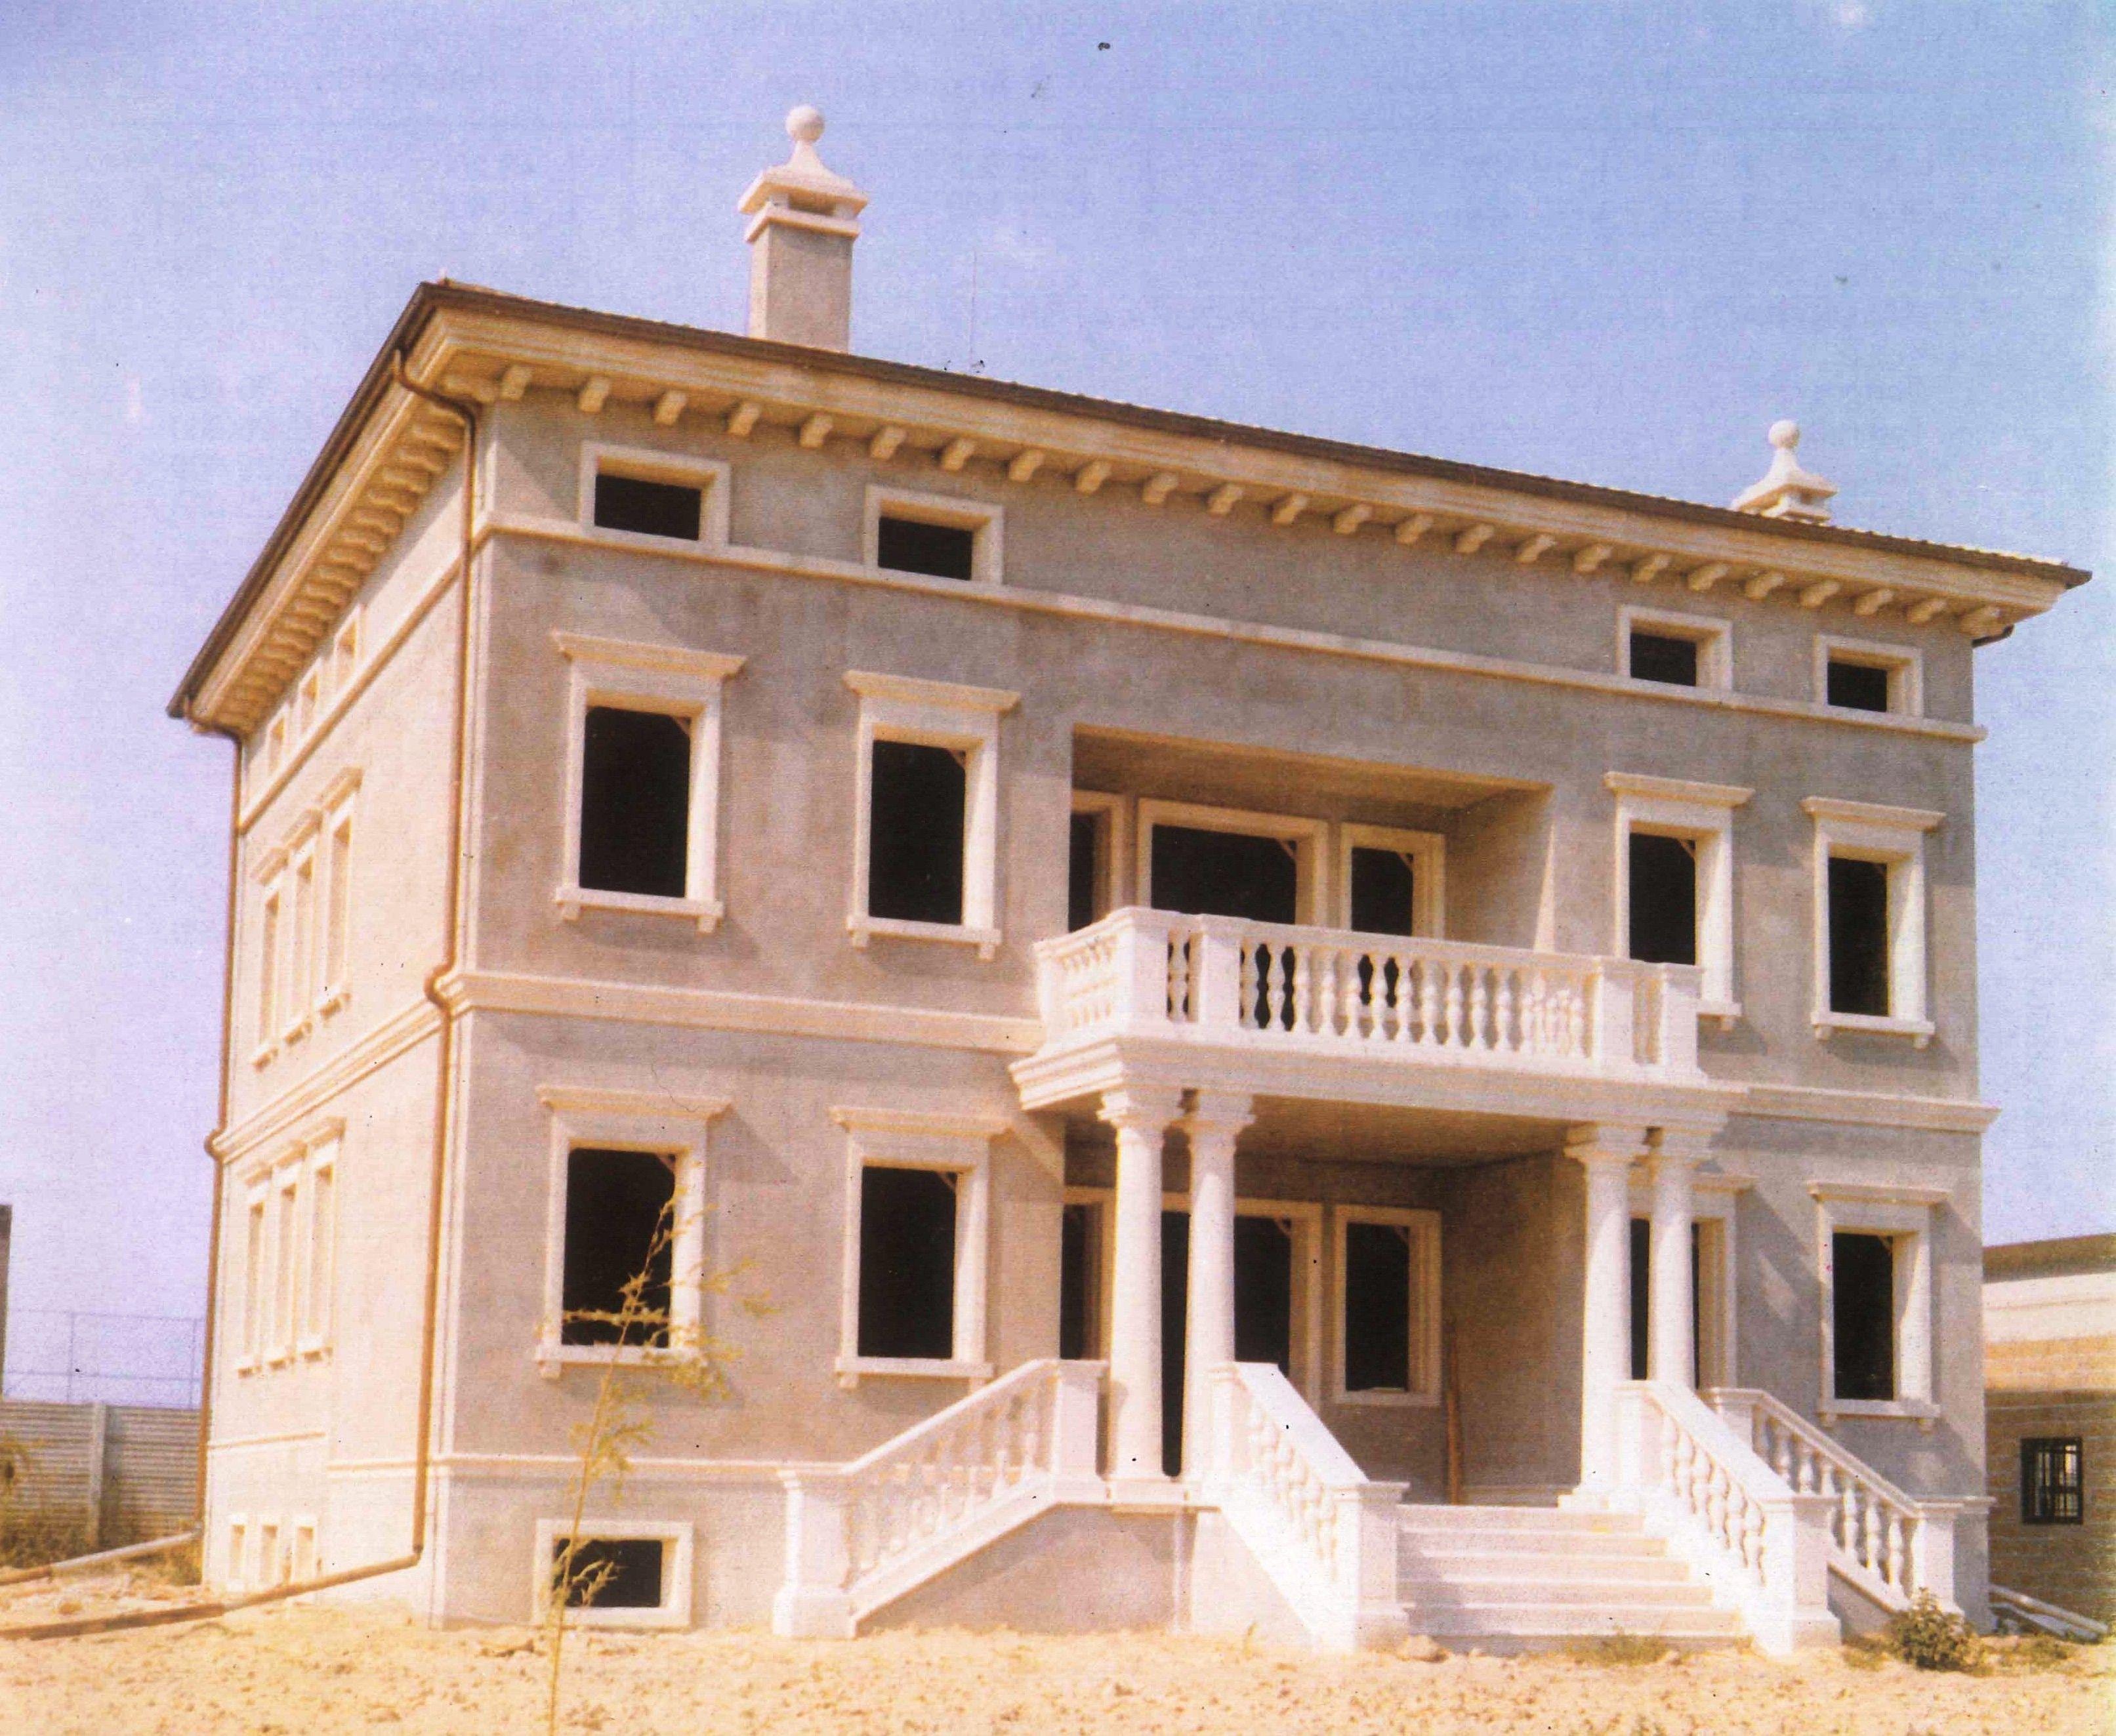 Cornici finestre per villa privata a cerea verona http - Cornici esterne per finestre ...